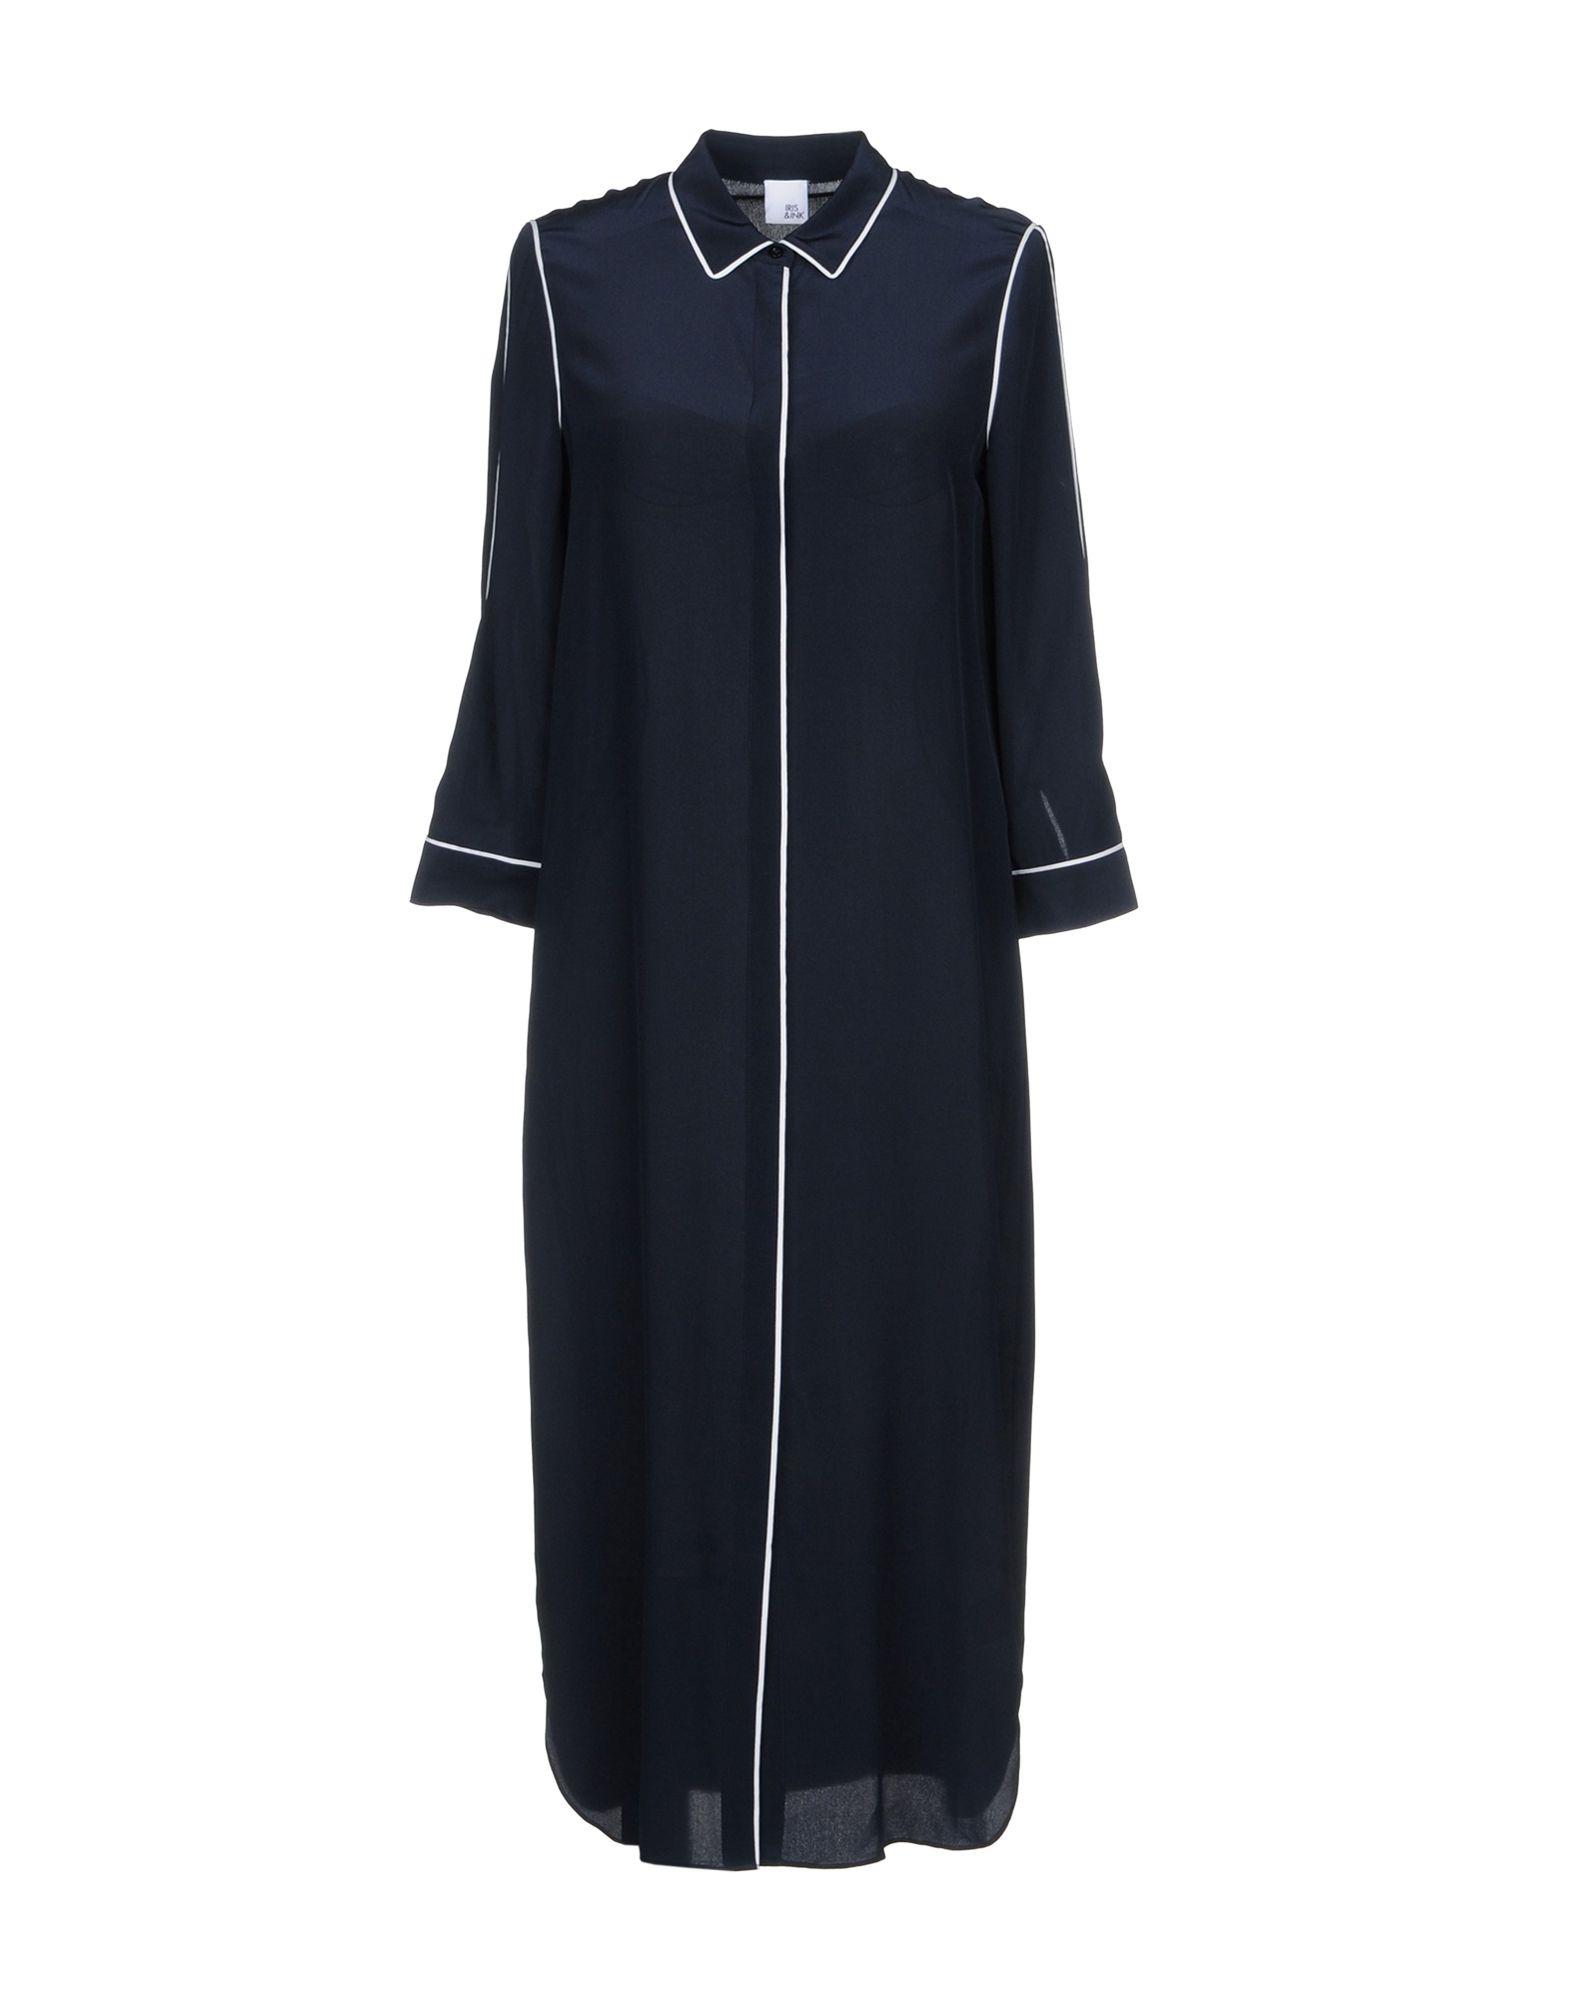 IRIS & INK Knee-Length Dress in Dark Blue